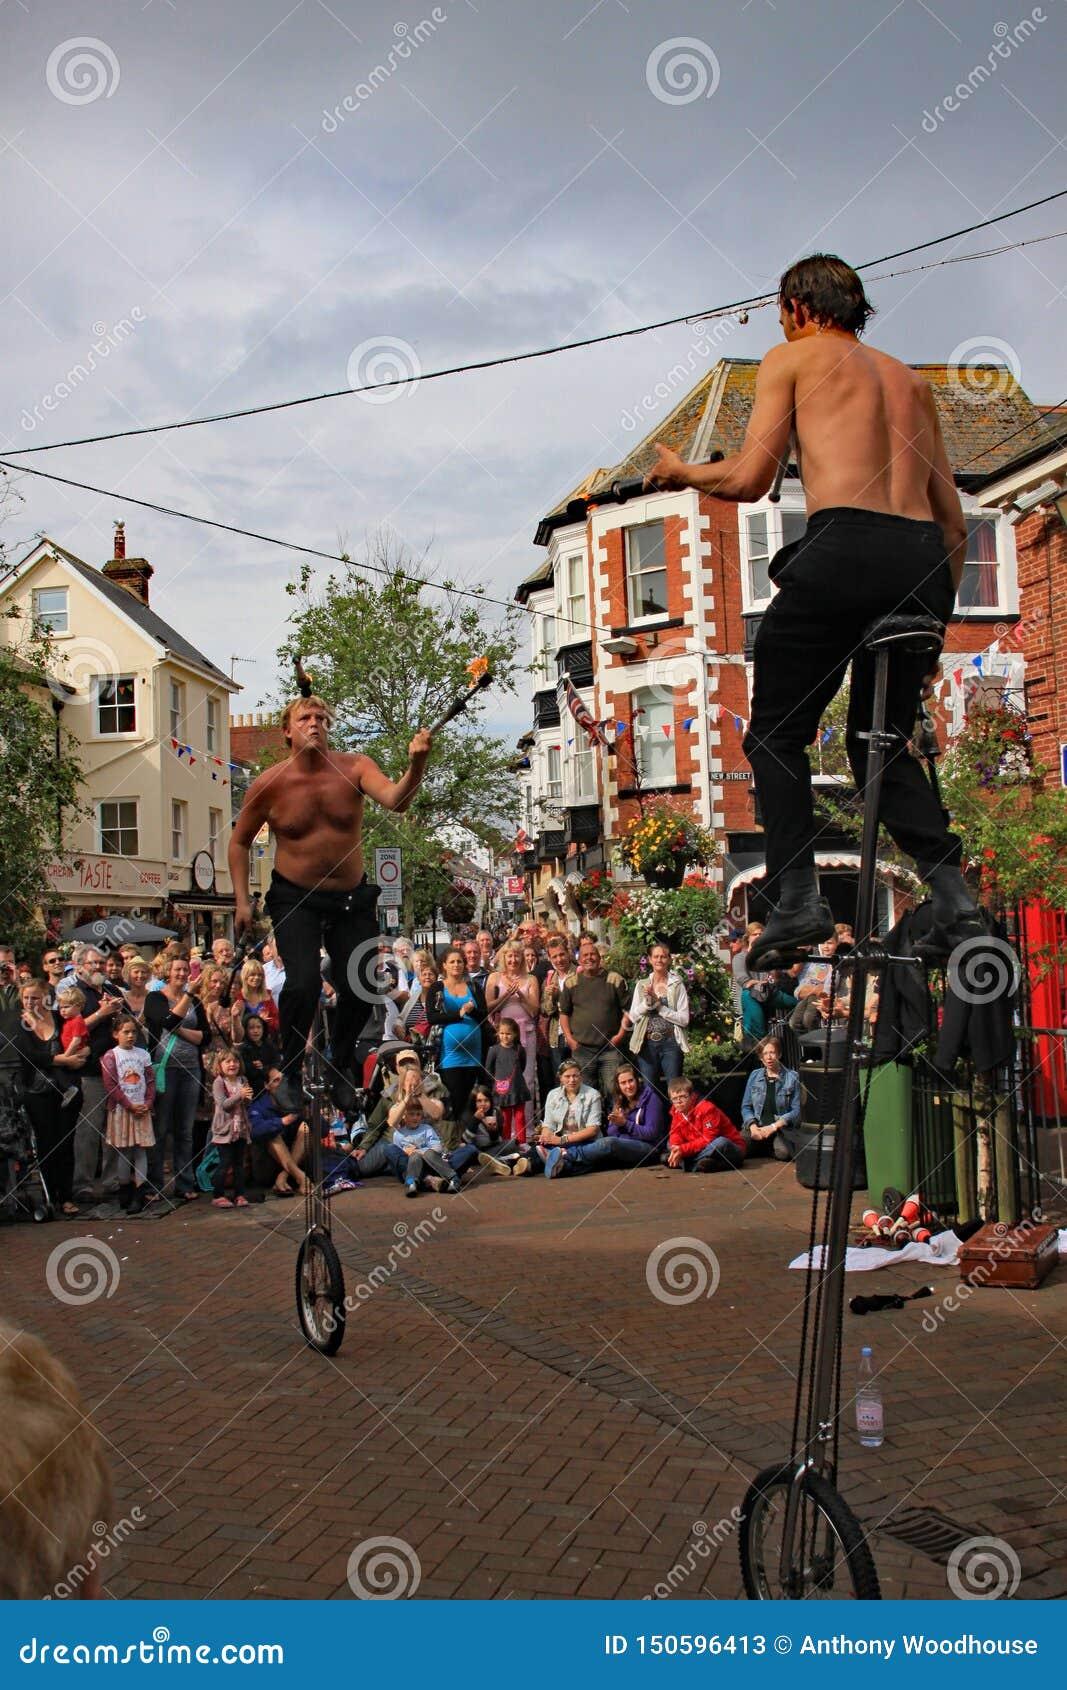 SIDMOUTH DEVON, ENGLAND - AUGUSTI 5TH 2012: Två gatajonglörer och underhållare utför med enhjulingar och brandklubbor i staden